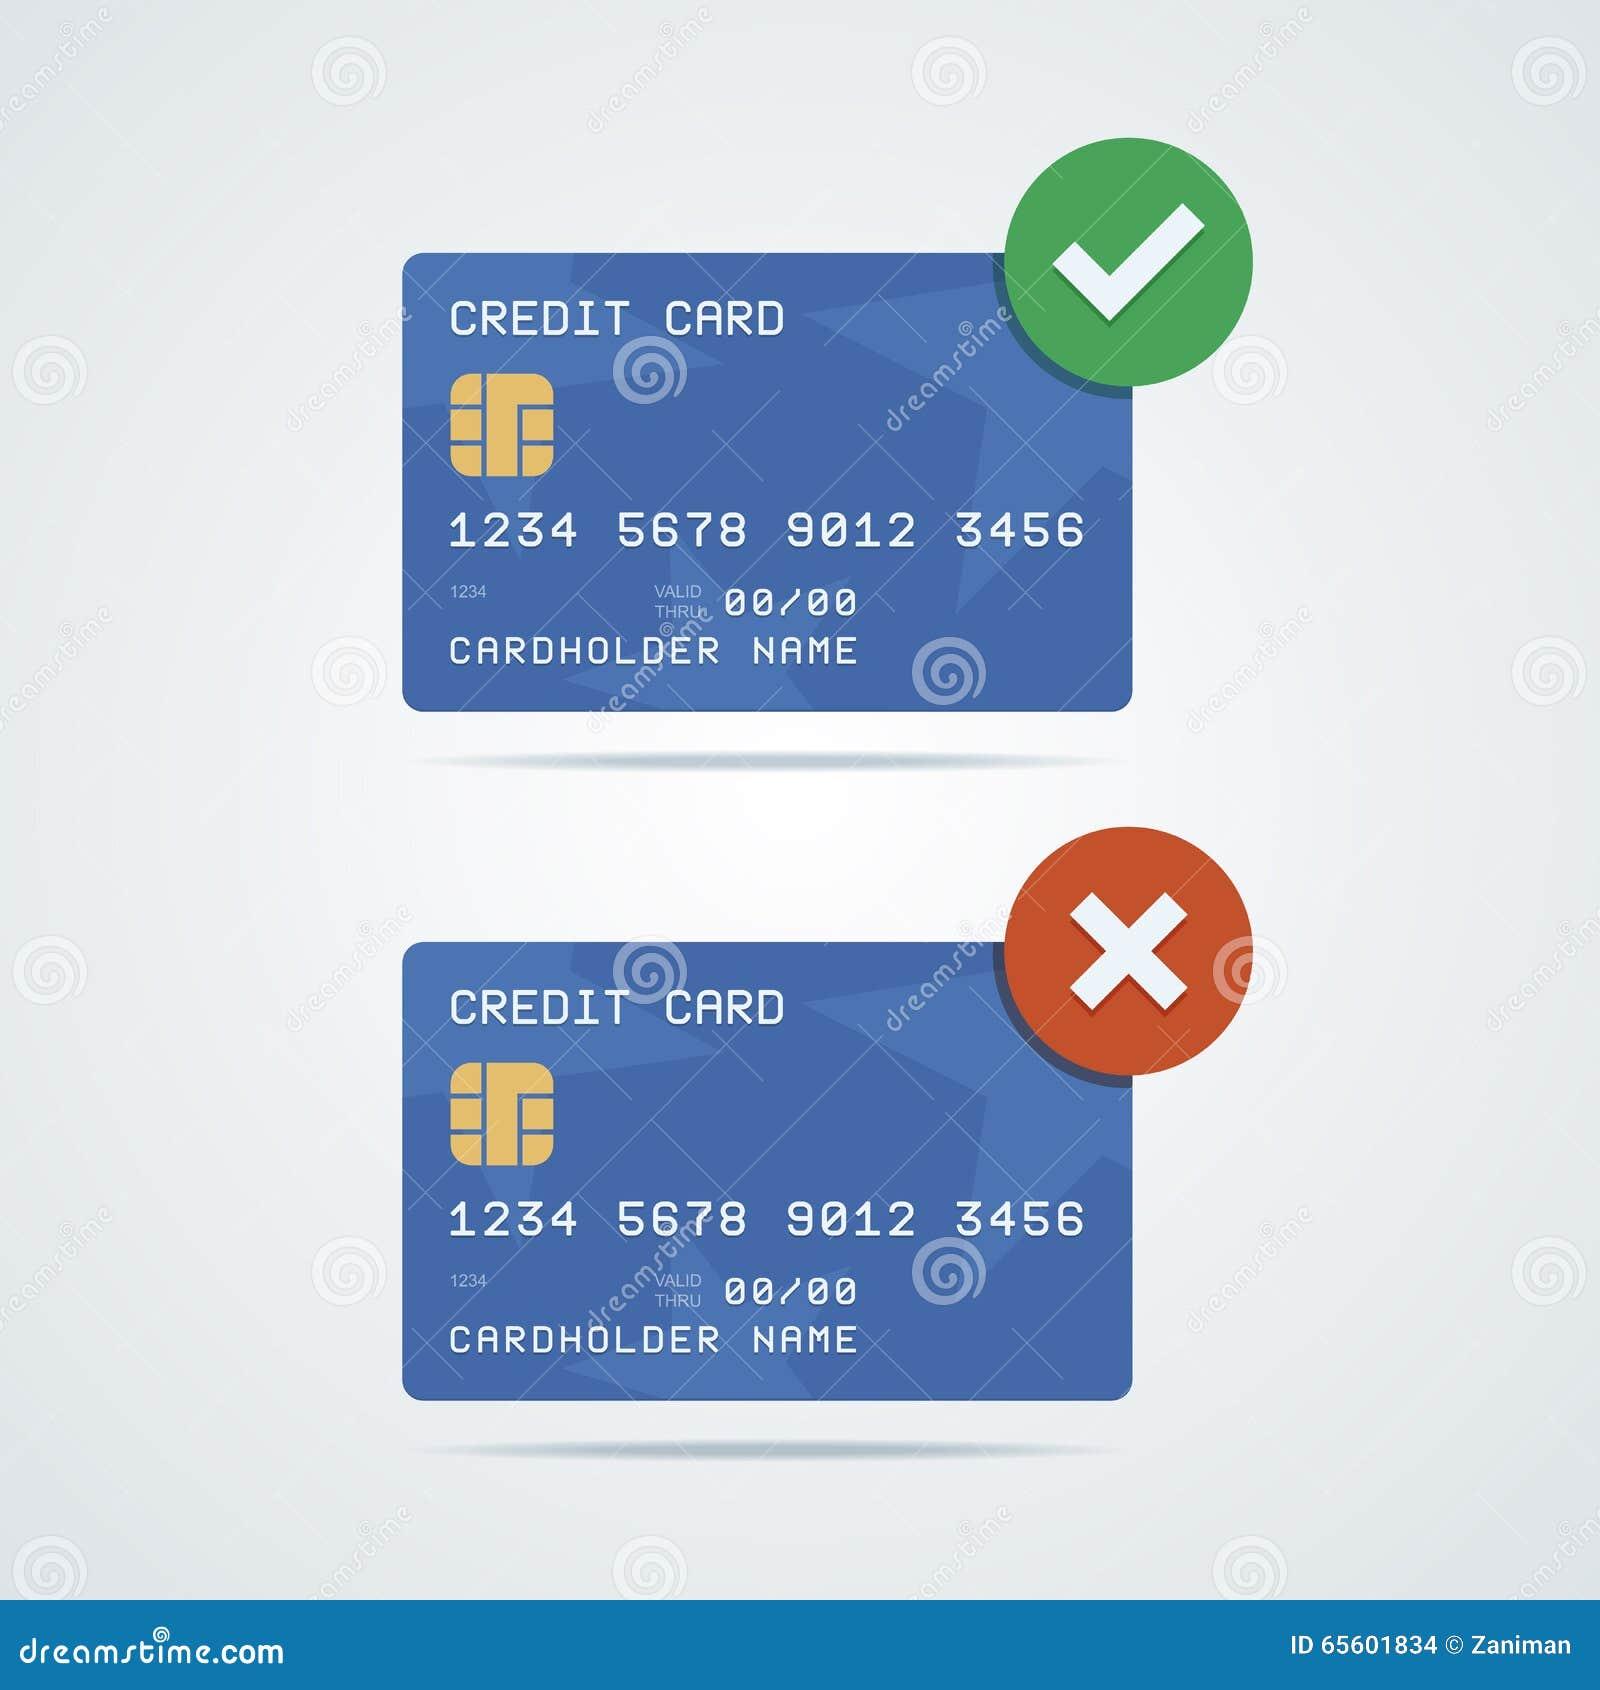 nom du titulaire de la carte Crédit, Carte De Débit Avec La Puce, Nombre, Nom De Titulaire De